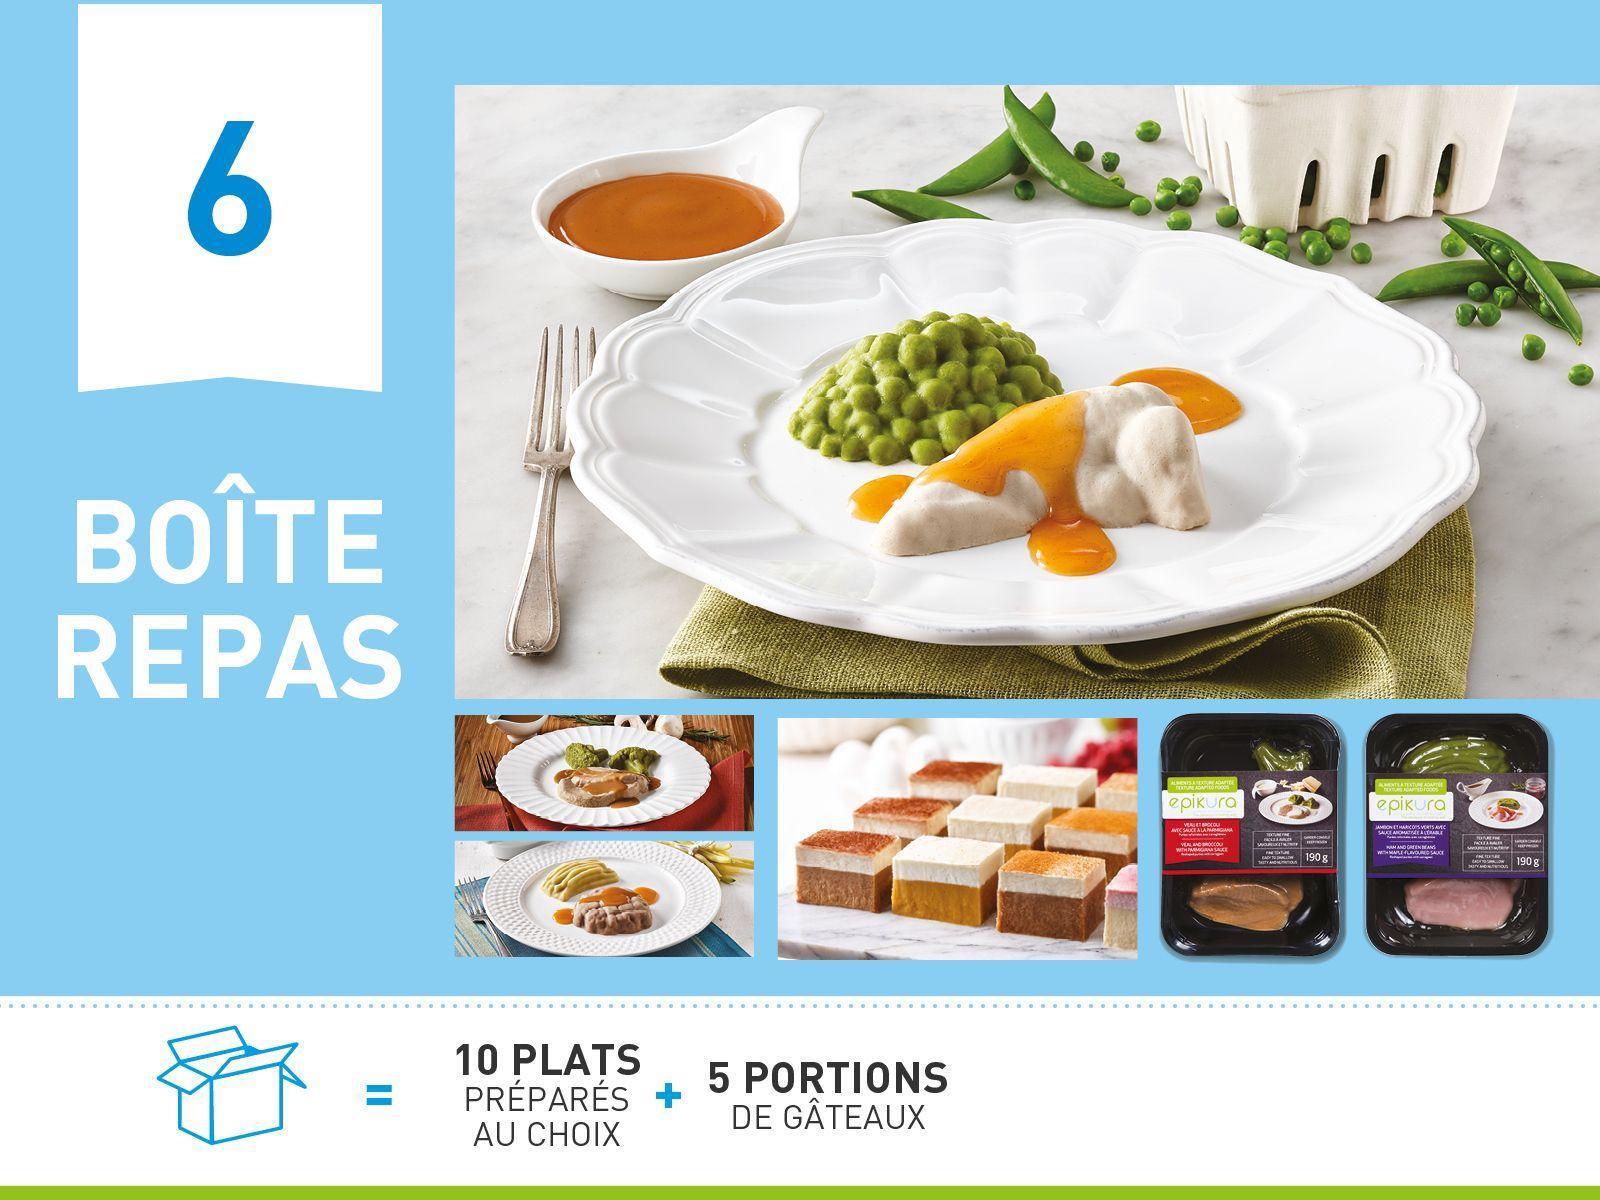 Boîte repas #6  ALIMENTS À TEXTURE ADAPTÉE ET SÉCURITAIRE